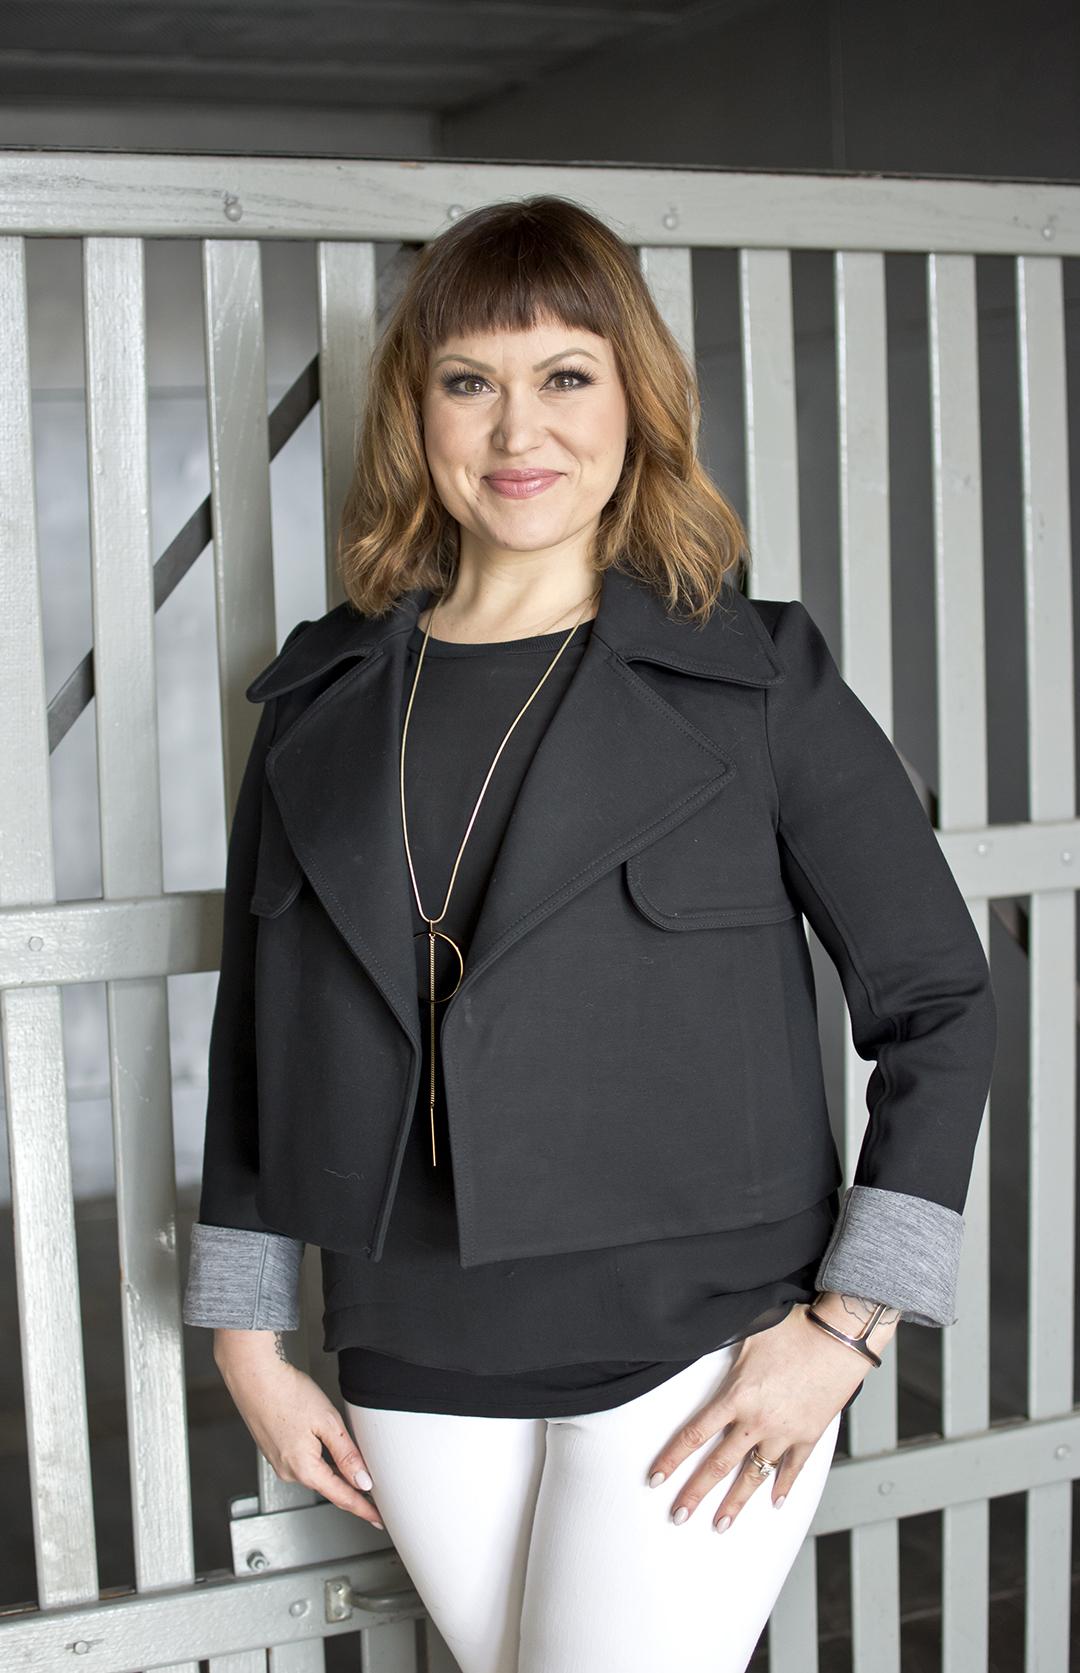 Nicole North